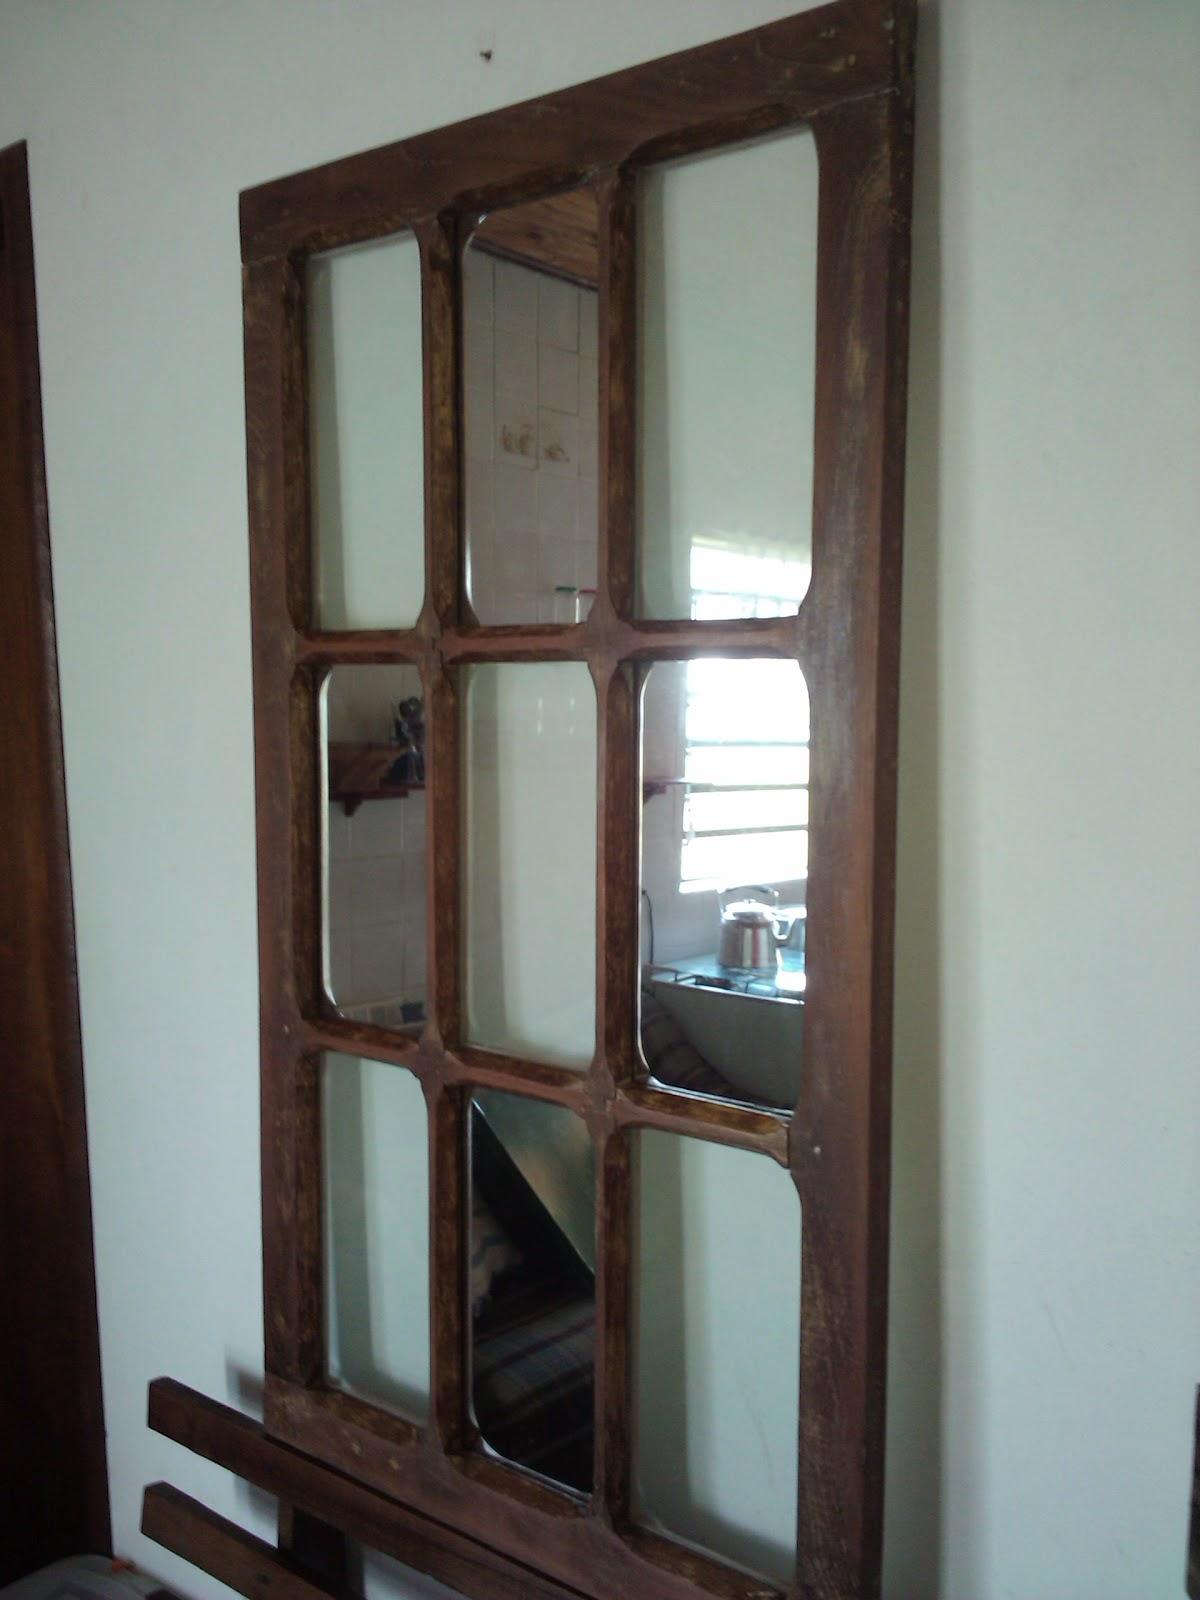 Artes do Dinho: Porta retrato de janela de demolição #332722 1200x1600 Balcao Banheiro Artesanal